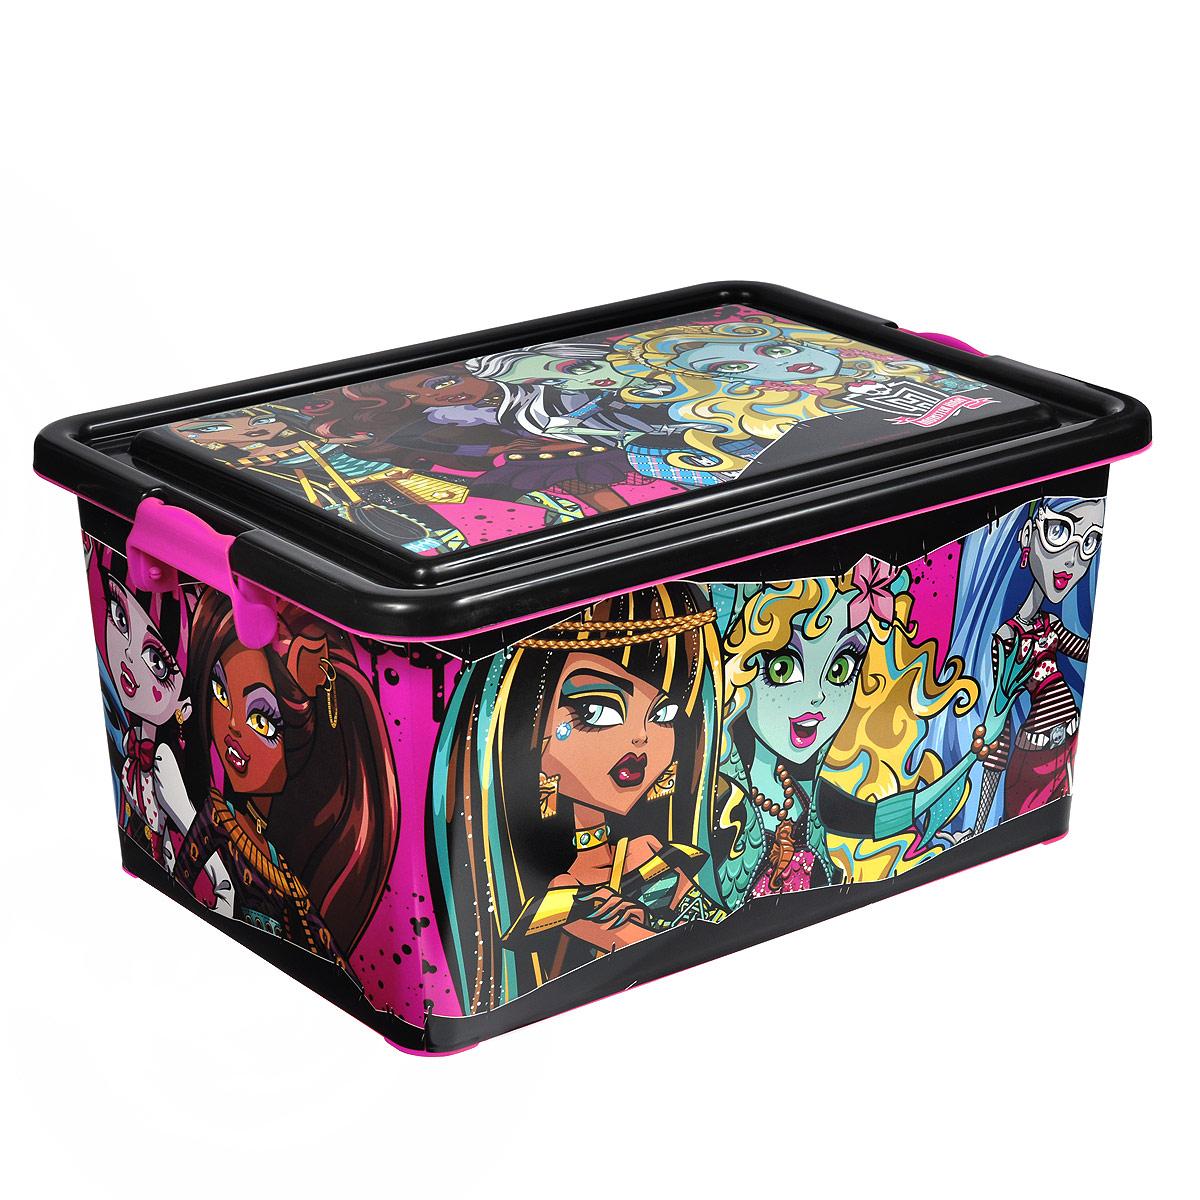 Monster High Коробка для хранения 23 лR1001YКоробка для хранения Monster High выполнена из пластика, очень удобная и практичная вещь для любой детской комнаты. В нее поместятся многие игрушки вашего ребенка. С ее помощью можно легко научить ребенка наводить порядок самостоятельно. Яркая расцветка и веселый дизайн ящика станет замечательным украшением детской комнаты. Характеристики:Материал: пластик. Цвет: черный, розовый. Объем: 23 л. Размер коробка: 45 см х 31 см х 22 см. Производитель: Испания.